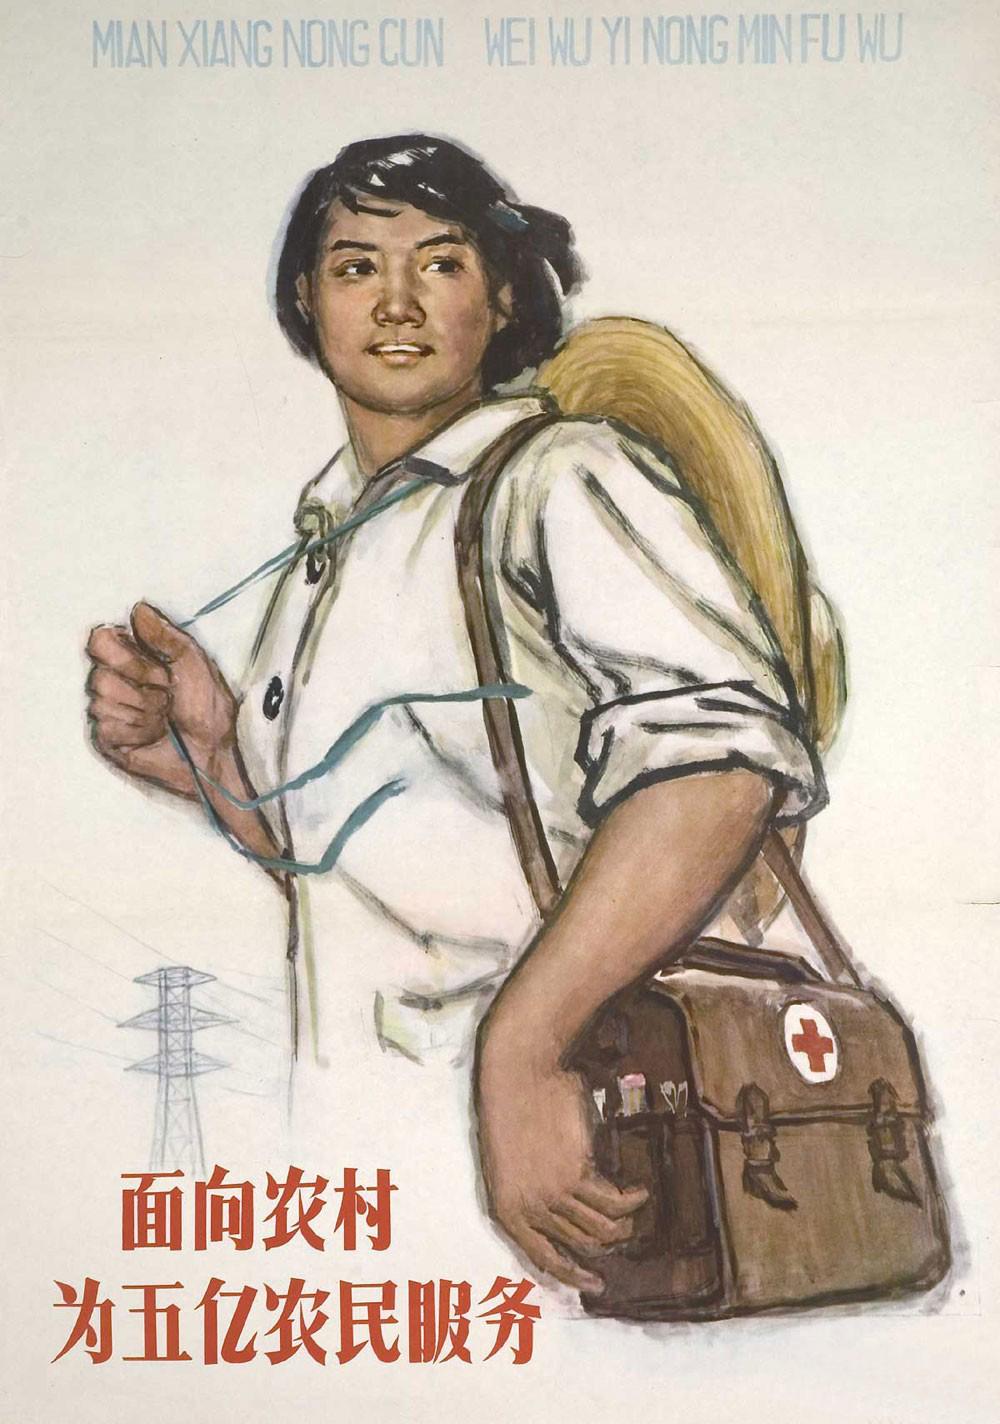 关于七十年代农村医疗的旧宣传画报